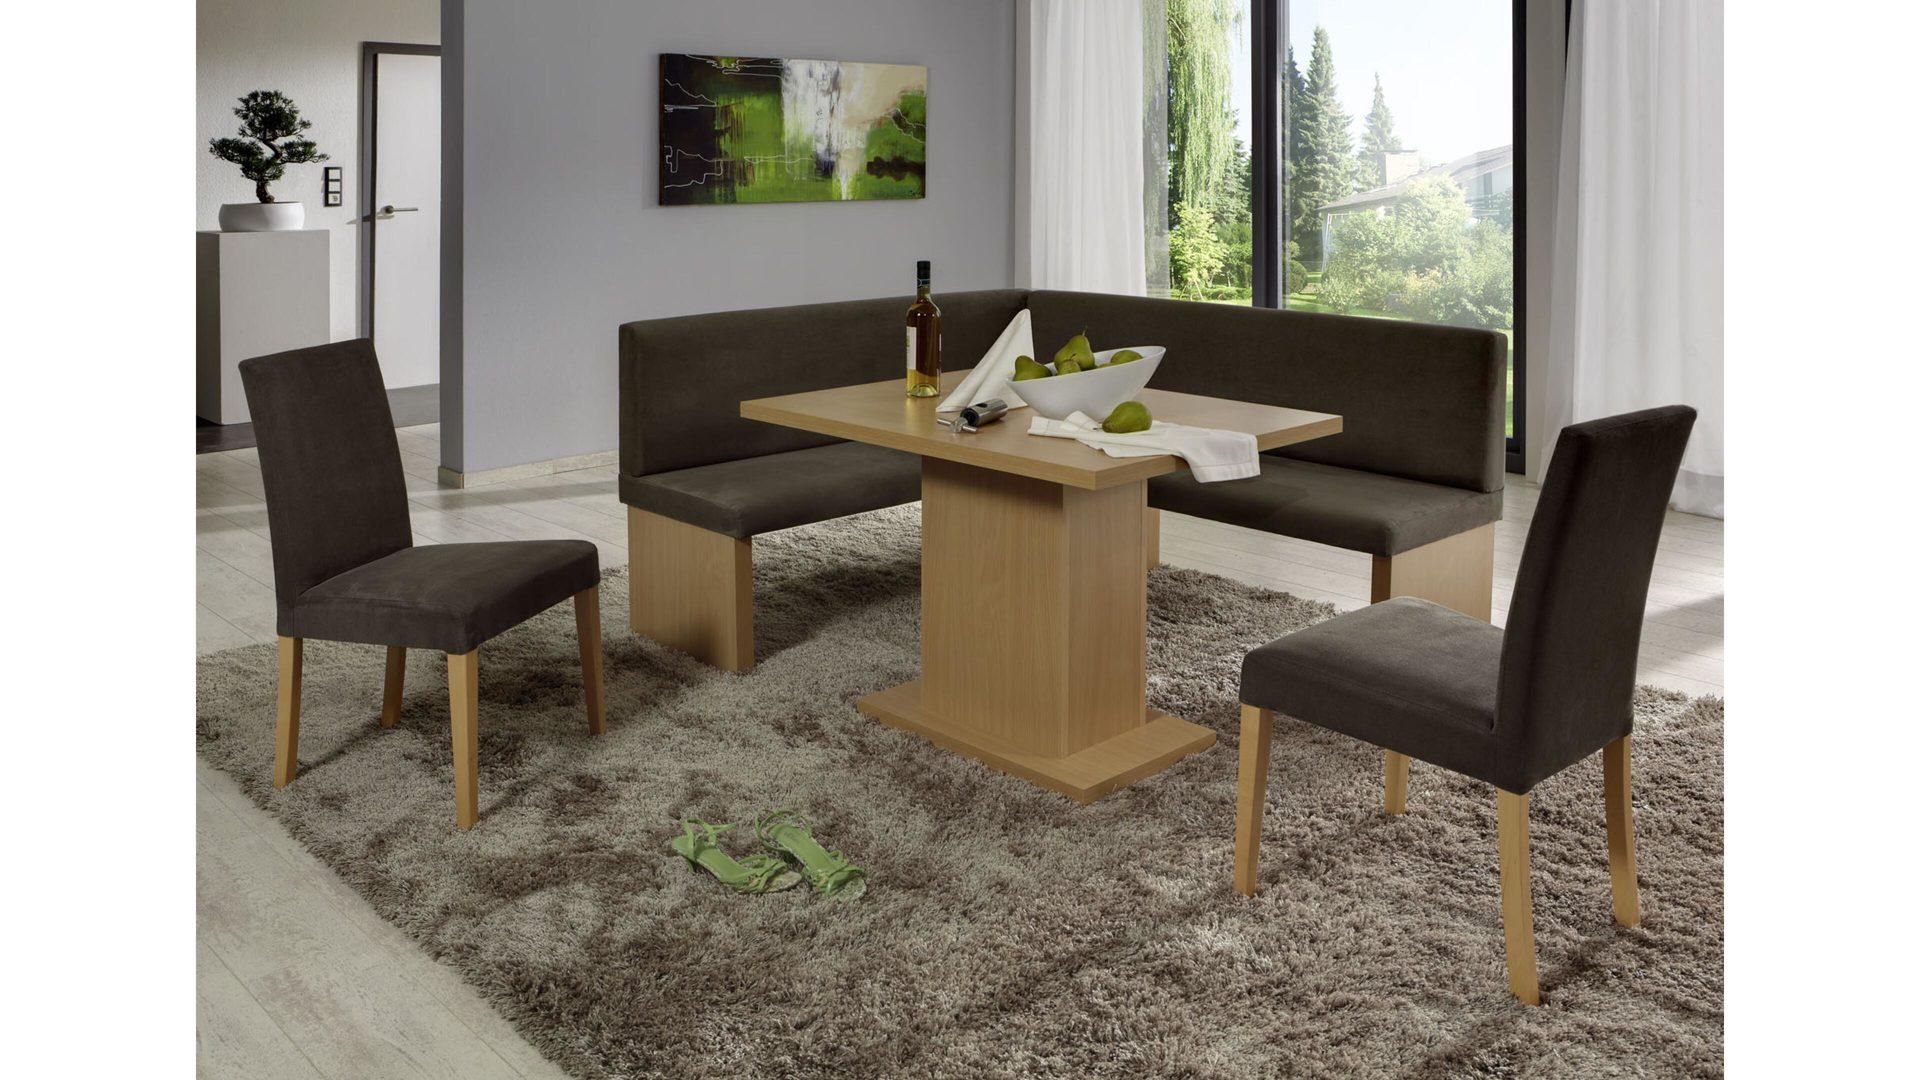 Schön Küchentisch Setzt Mit Bank Und Stühlen Fotos - Ideen Für Die ...